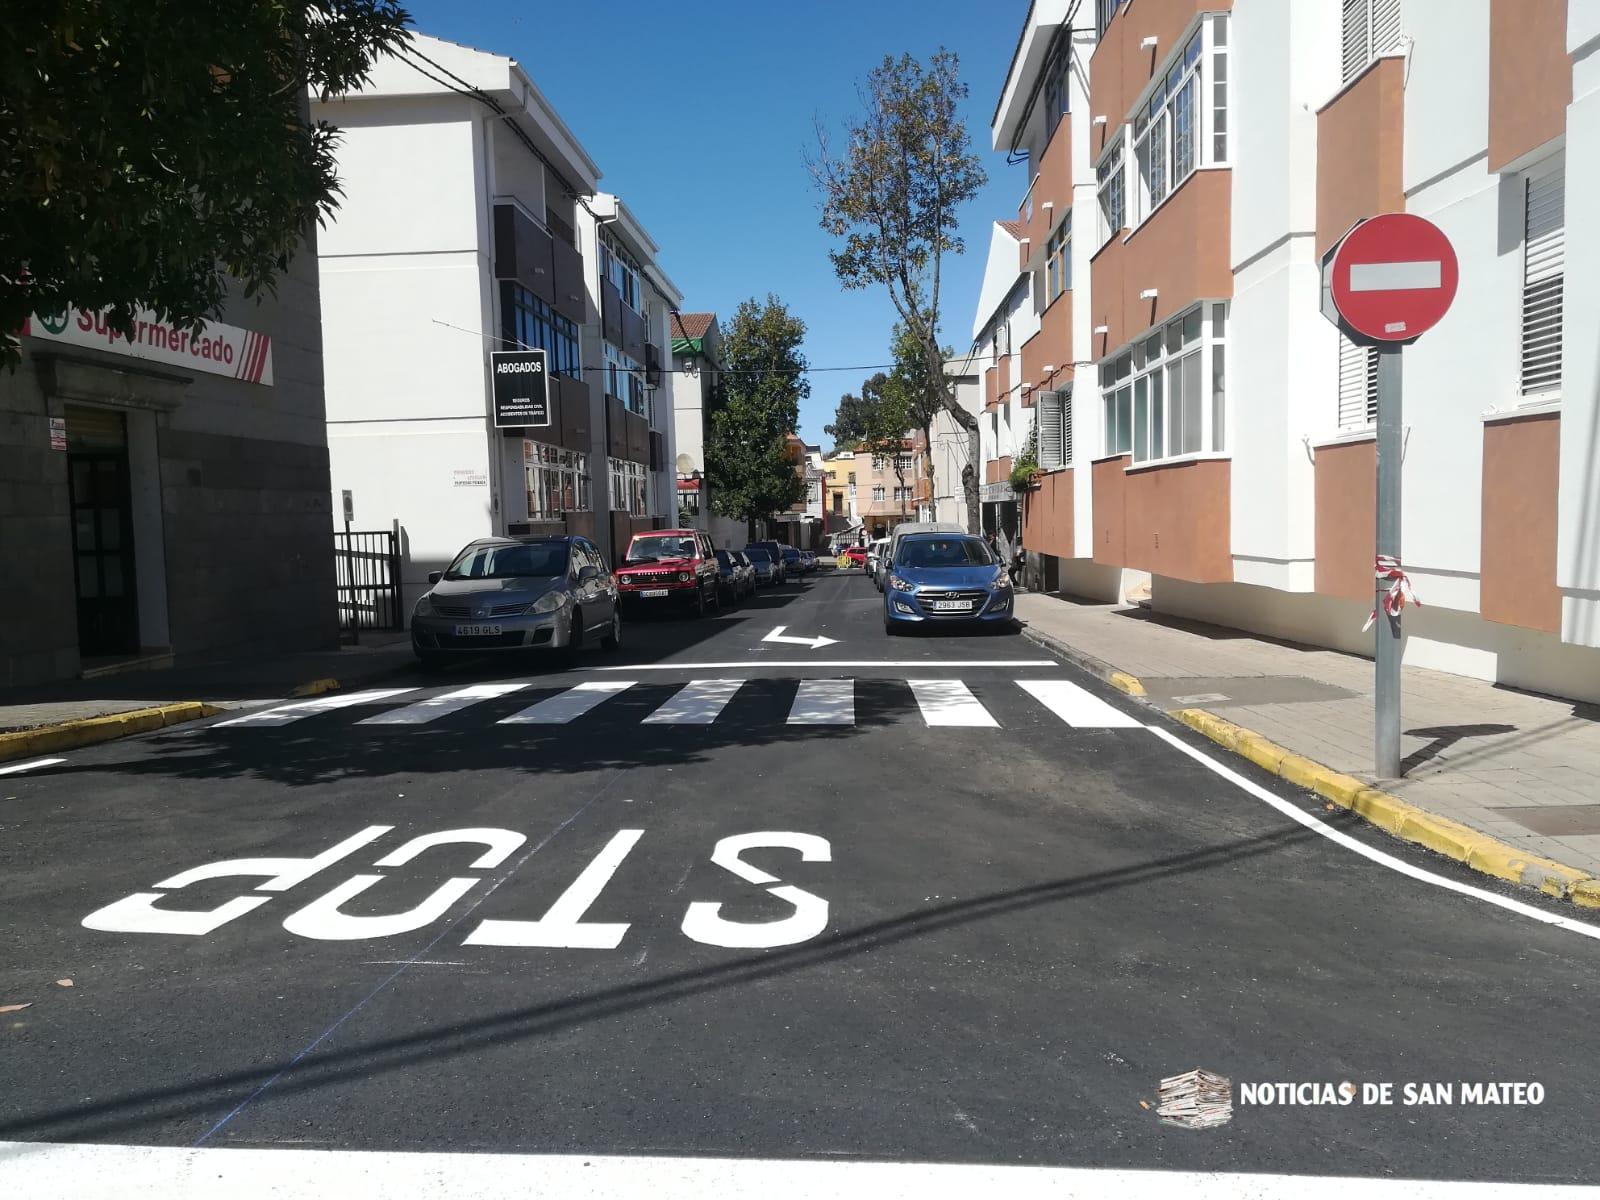 Repintado calle Arquitecto Gaudí – Casco – Noticias de San Mateo – 12 de marzo 2019